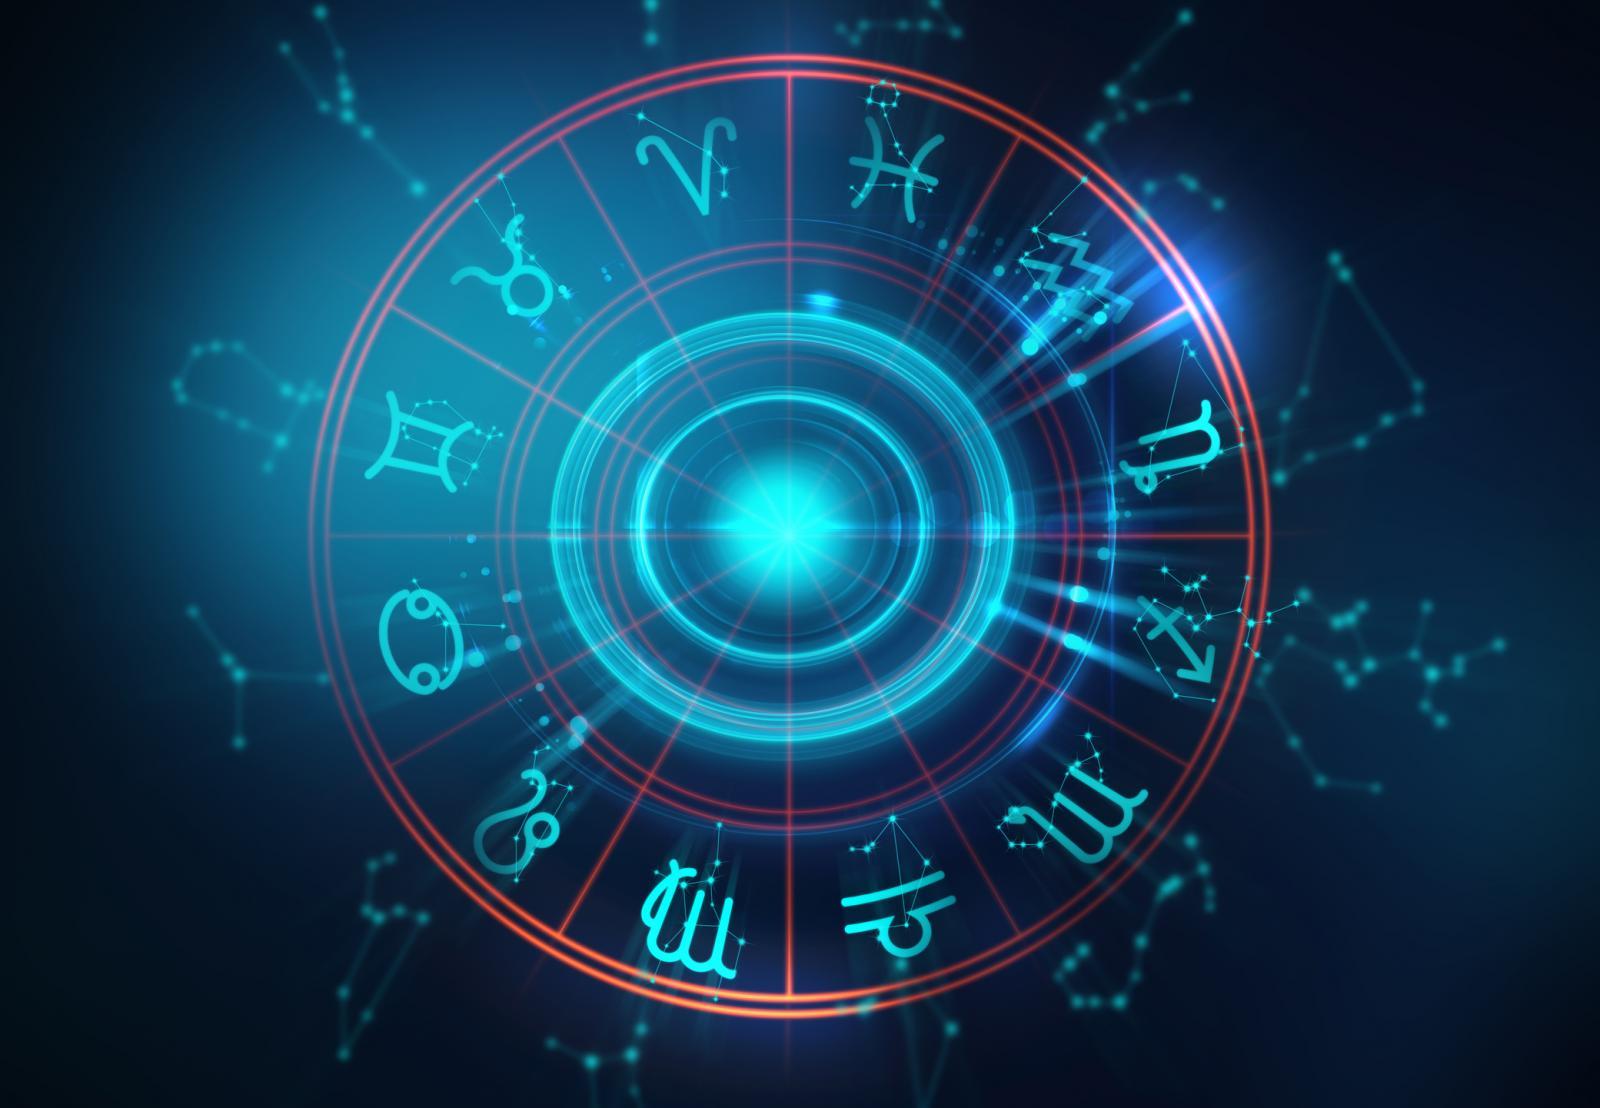 Astrologia y los signos del zodiaco